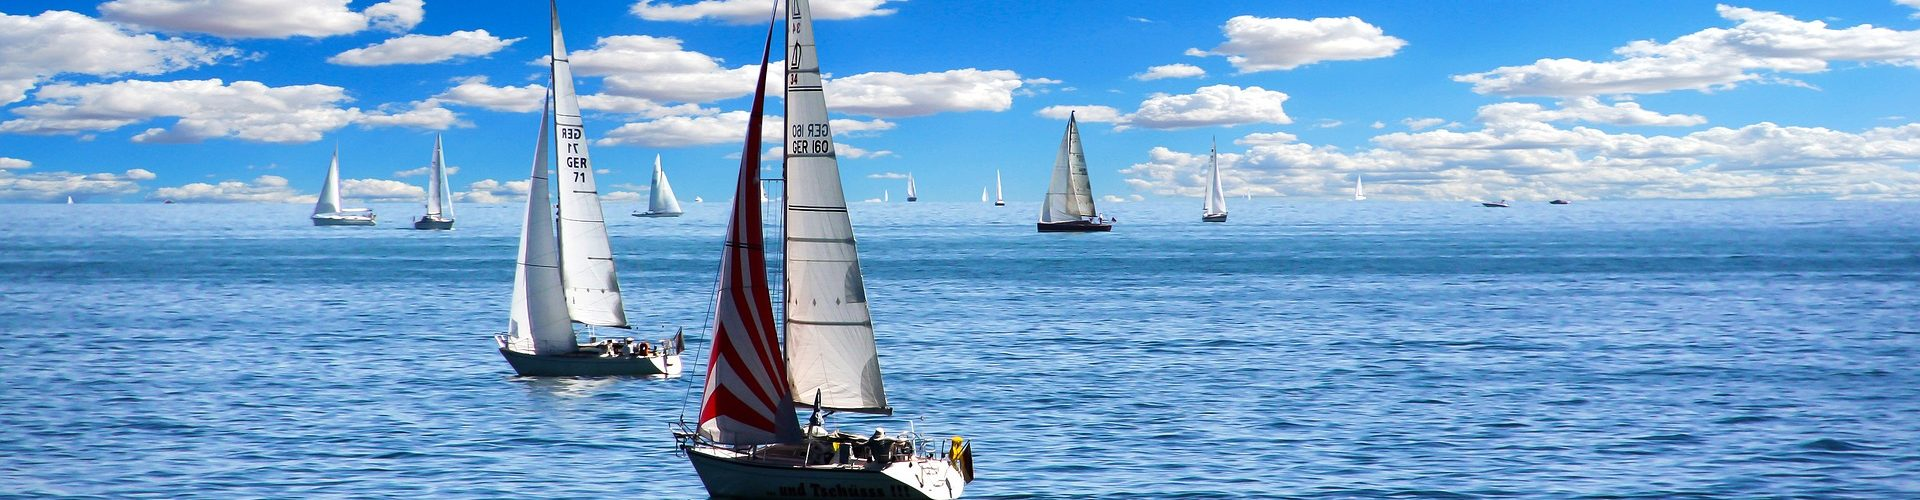 segeln lernen in Schieder Schwalenberg segelschein machen in Schieder Schwalenberg 1920x500 - Segeln lernen in Schieder-Schwalenberg